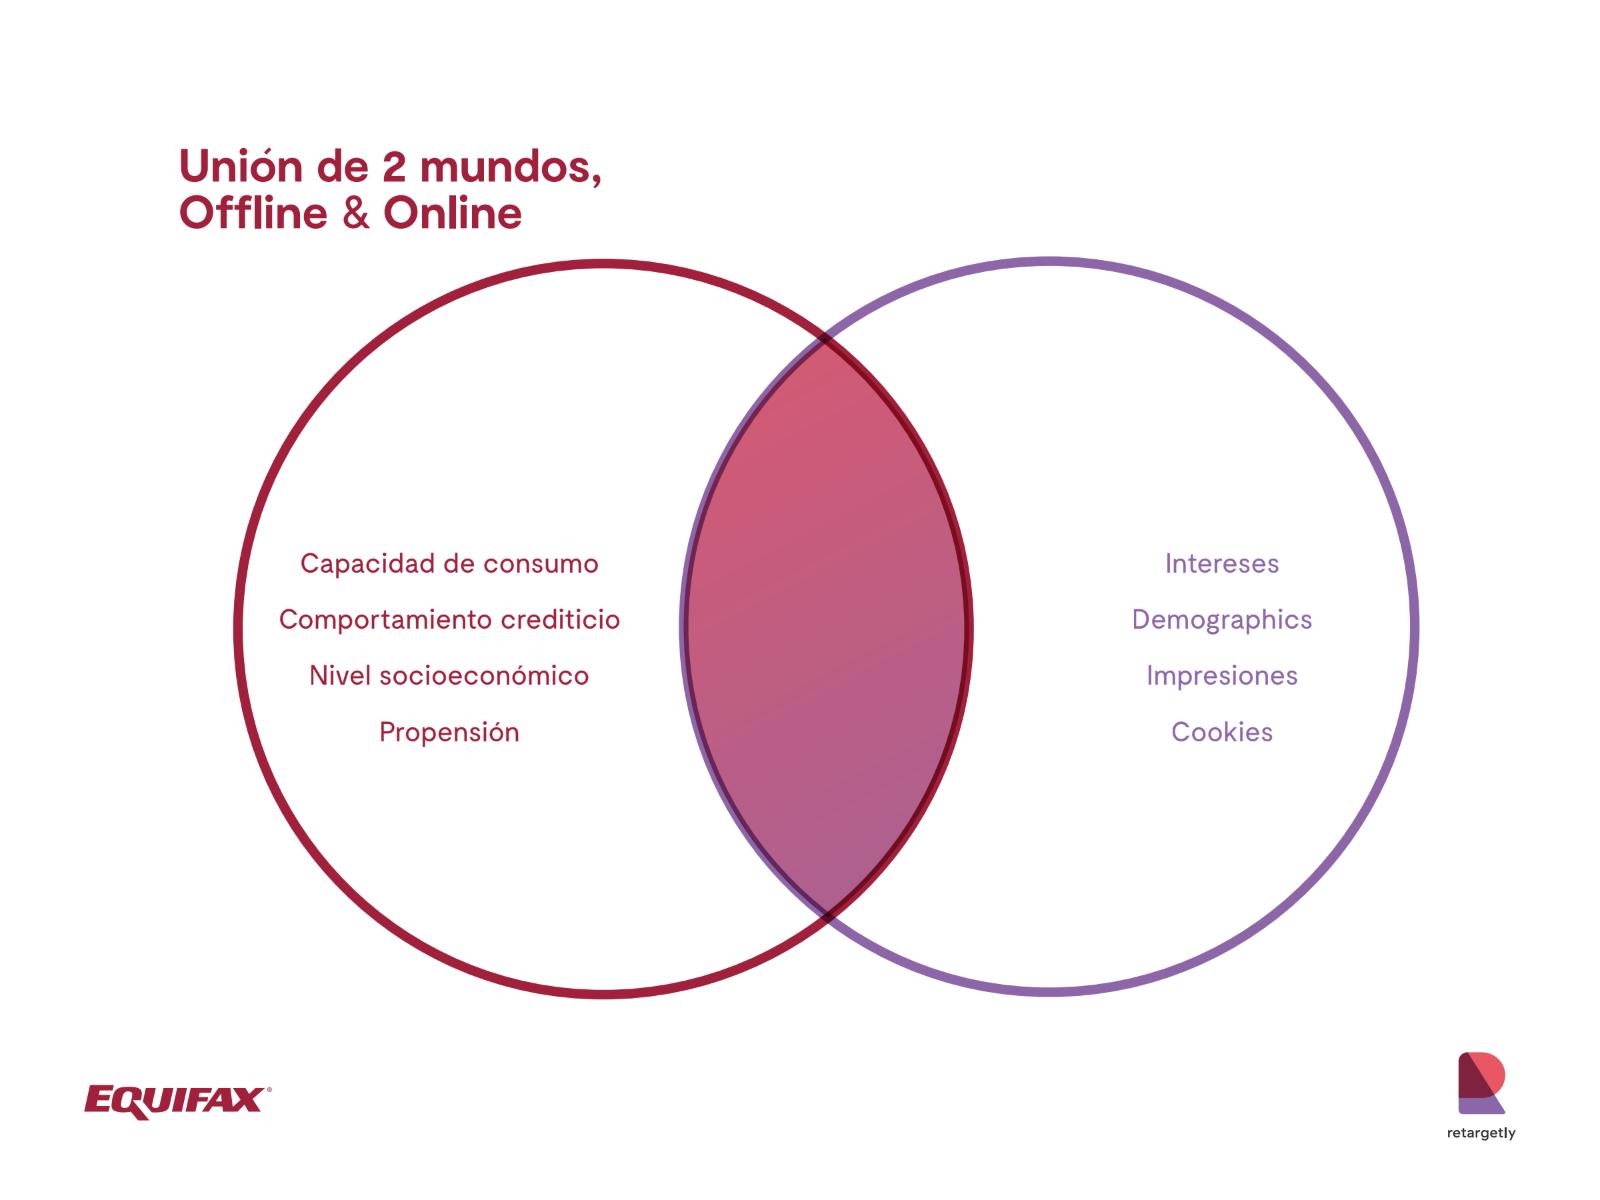 Data tradicionalmente relacionada al mundo offline, en un entorno 100% online.